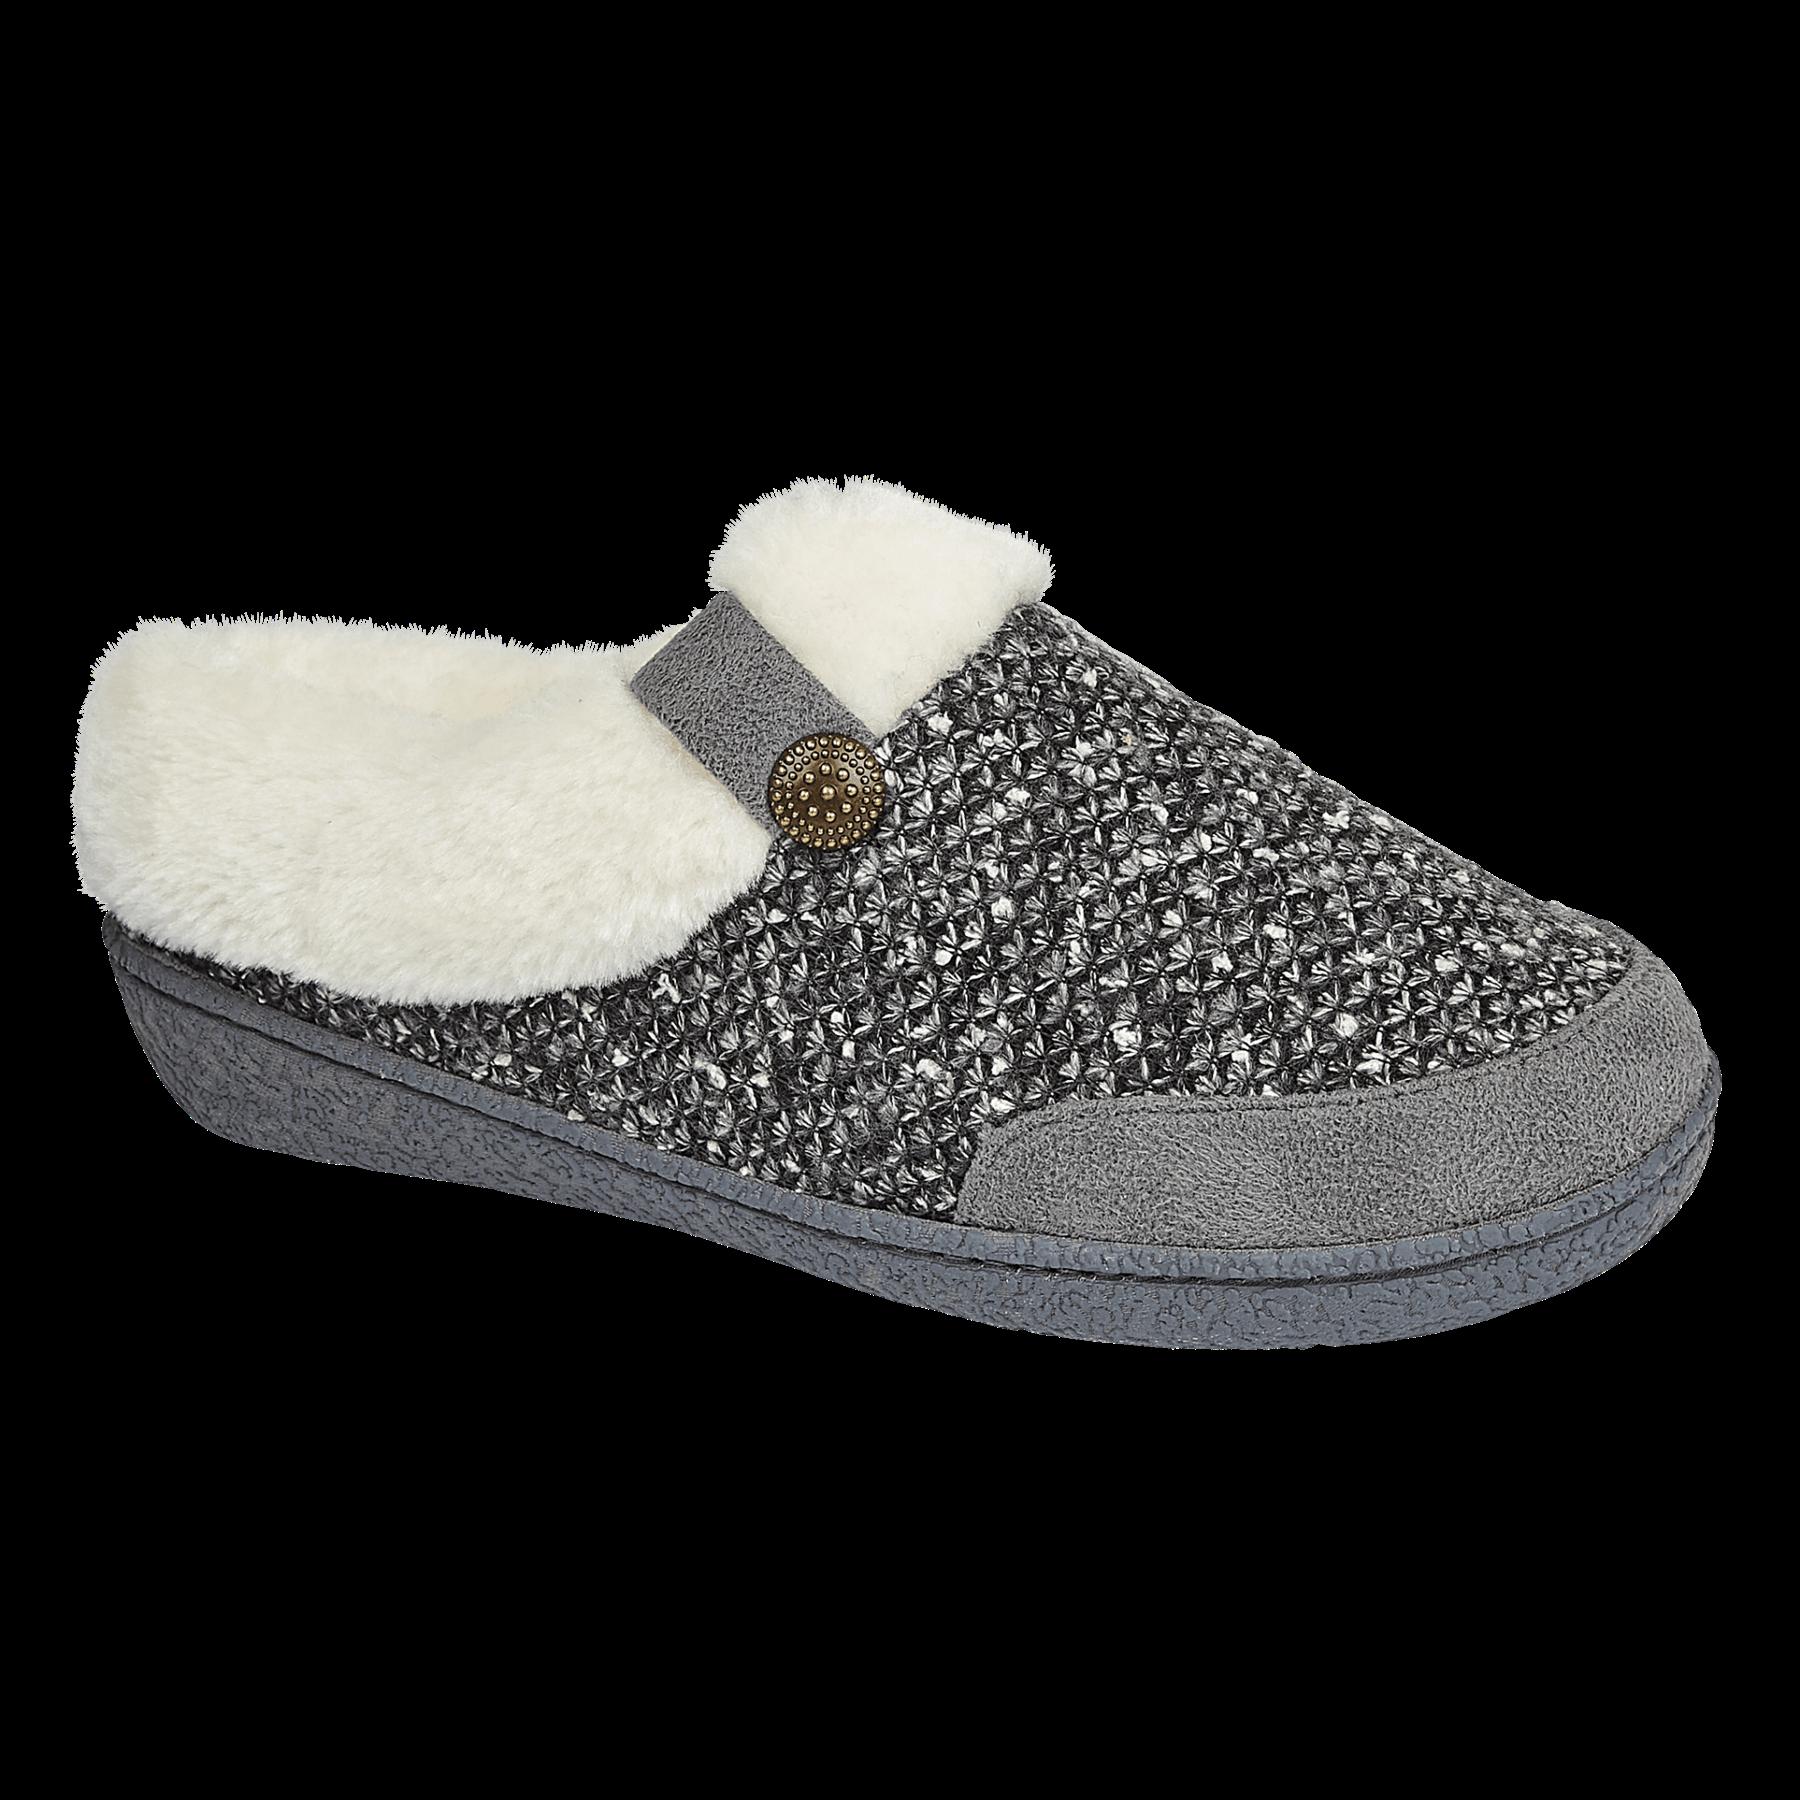 miniatuur 9 - Jo & Joe Womens Luxury Slippers Winter Warm Fur Slip On Flat Mule Bootie Girls